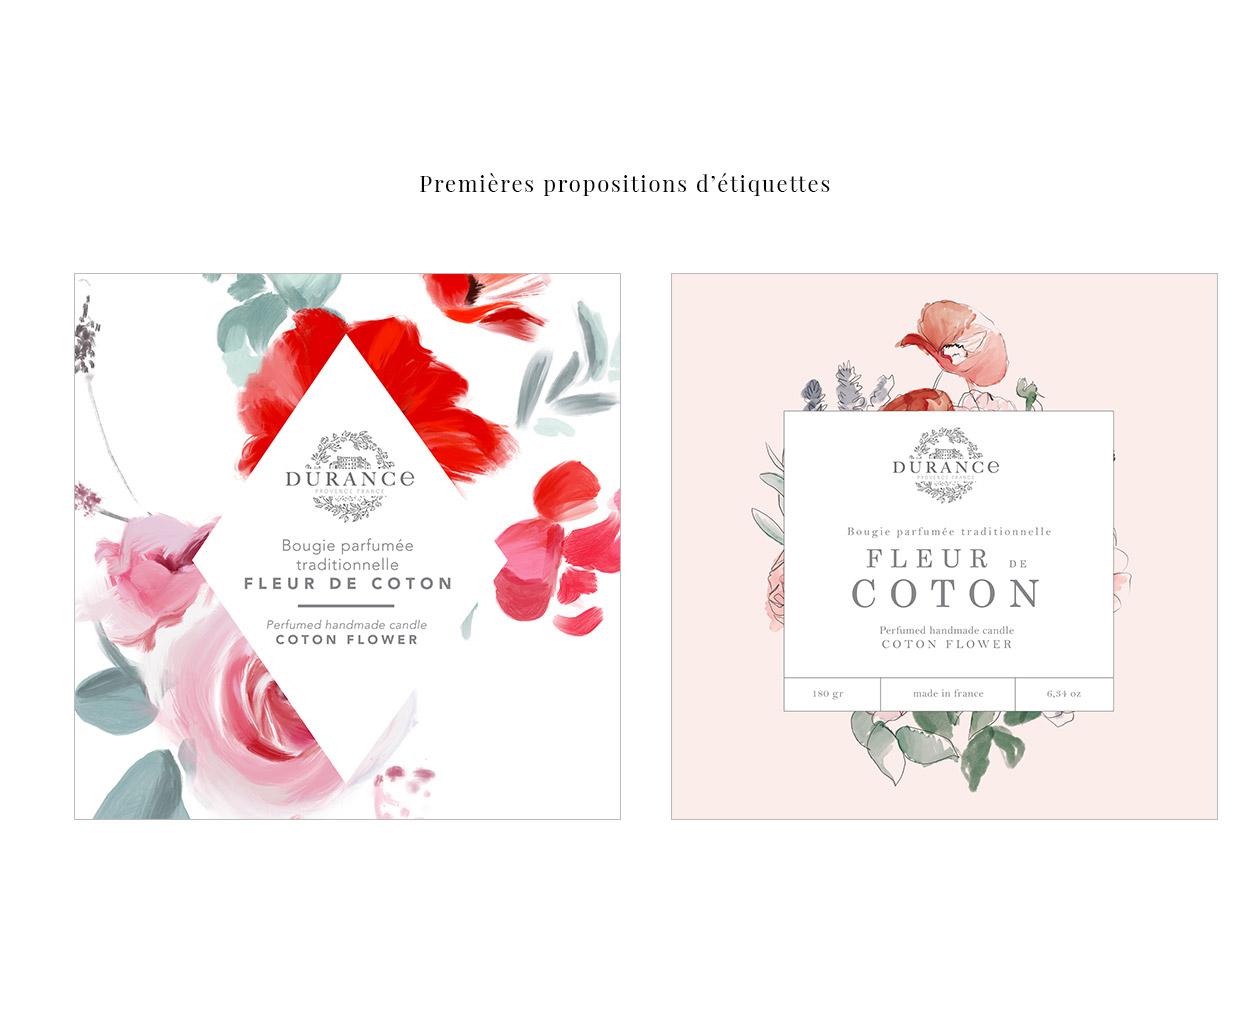 Proposition étiquettes packaging